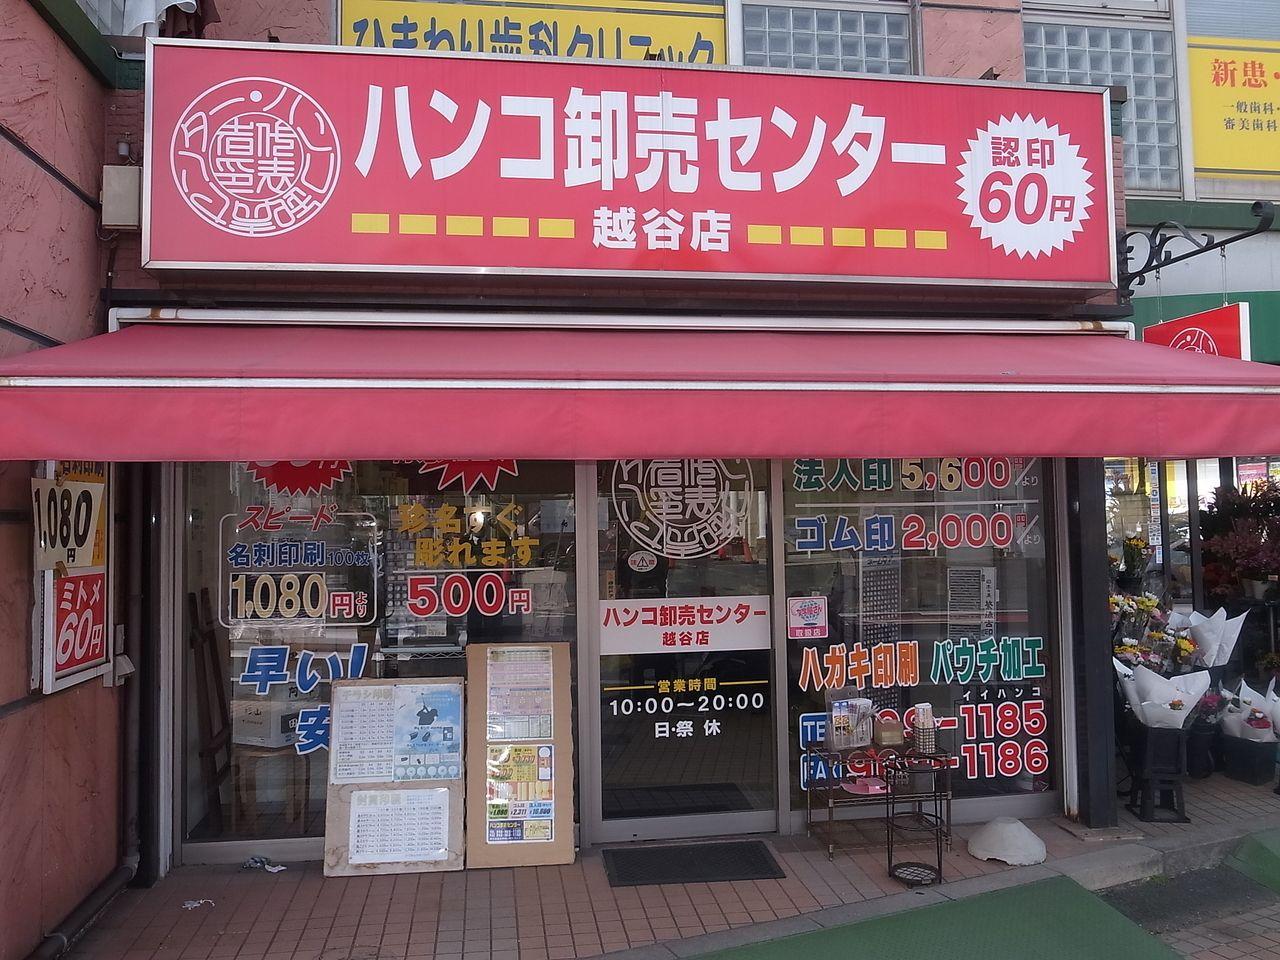 ハンコ卸売センター越谷店さんのお店はこちらです!